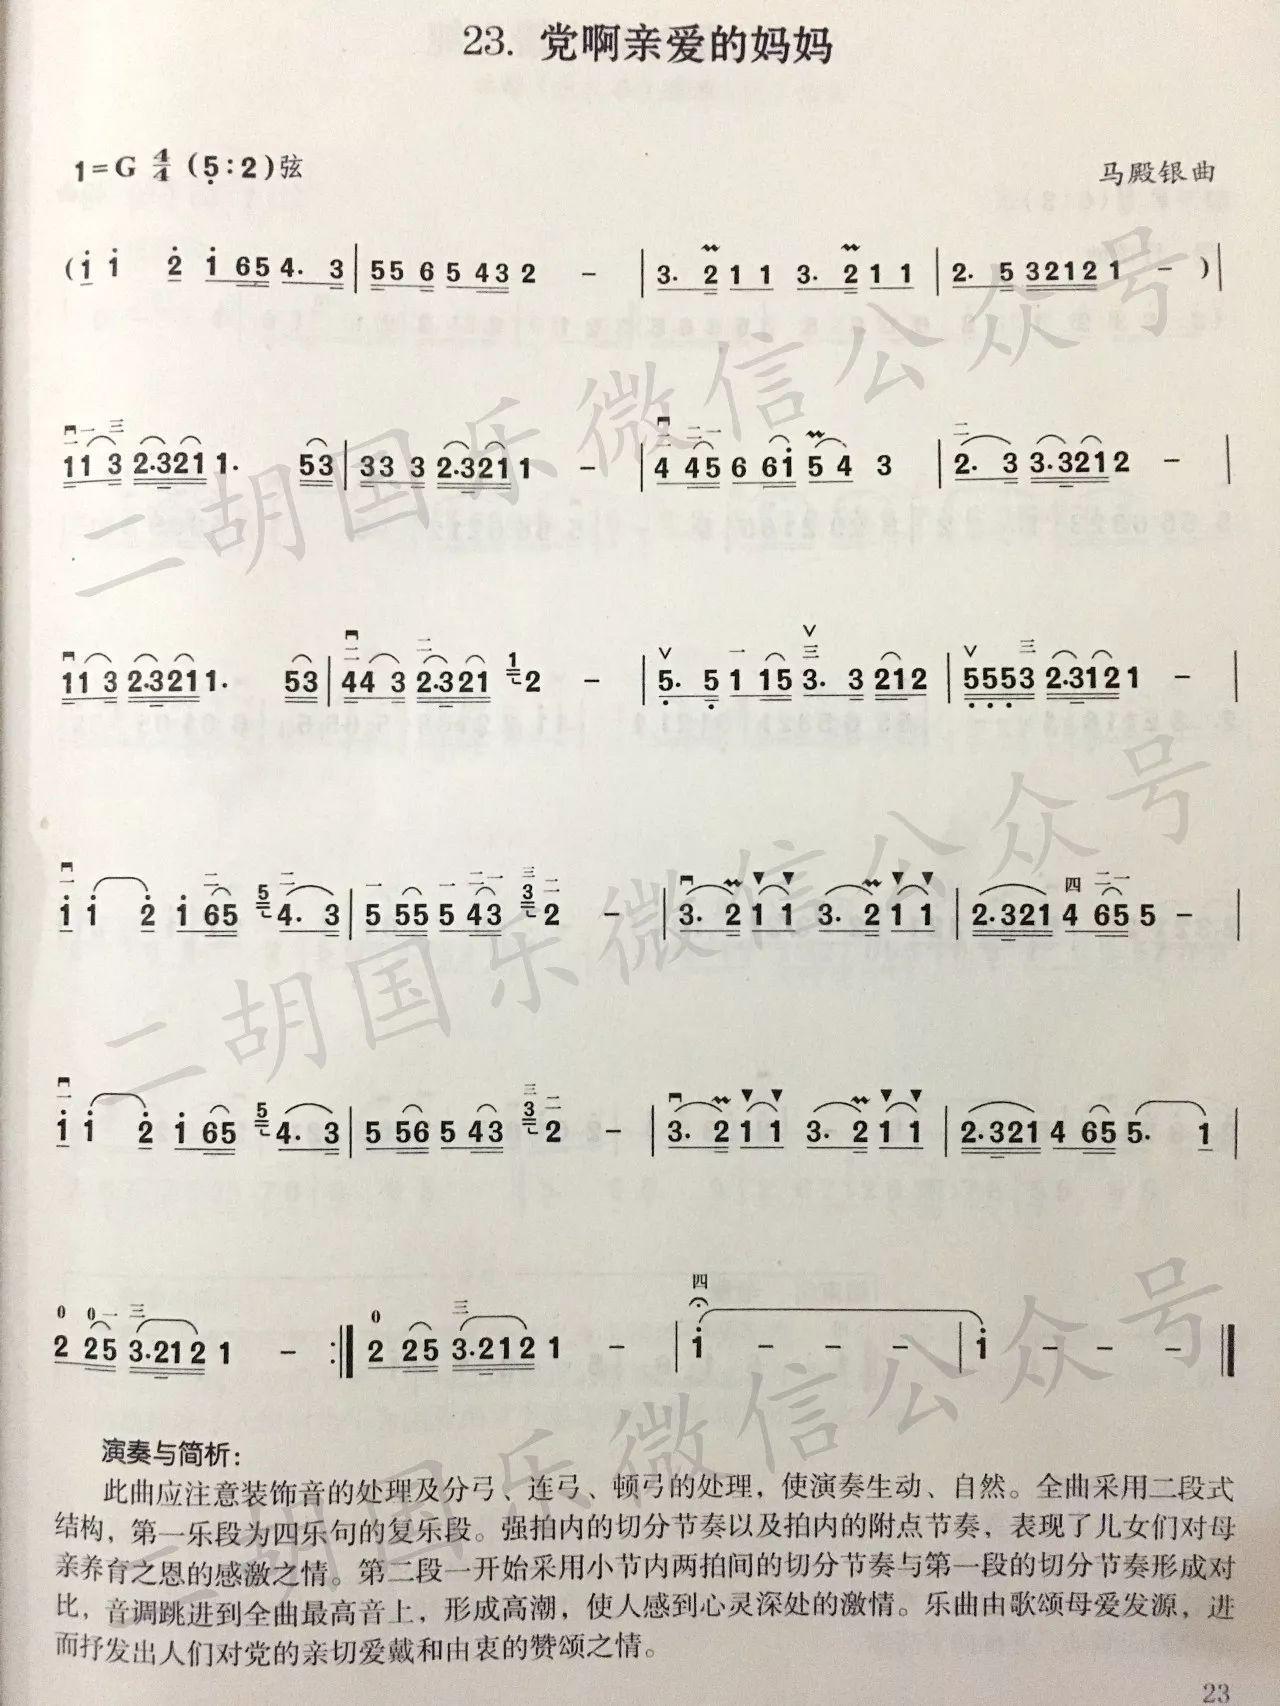 《二胡演奏中国名曲100首》no.23《党啊亲爱的妈妈》二胡乐谱送给你